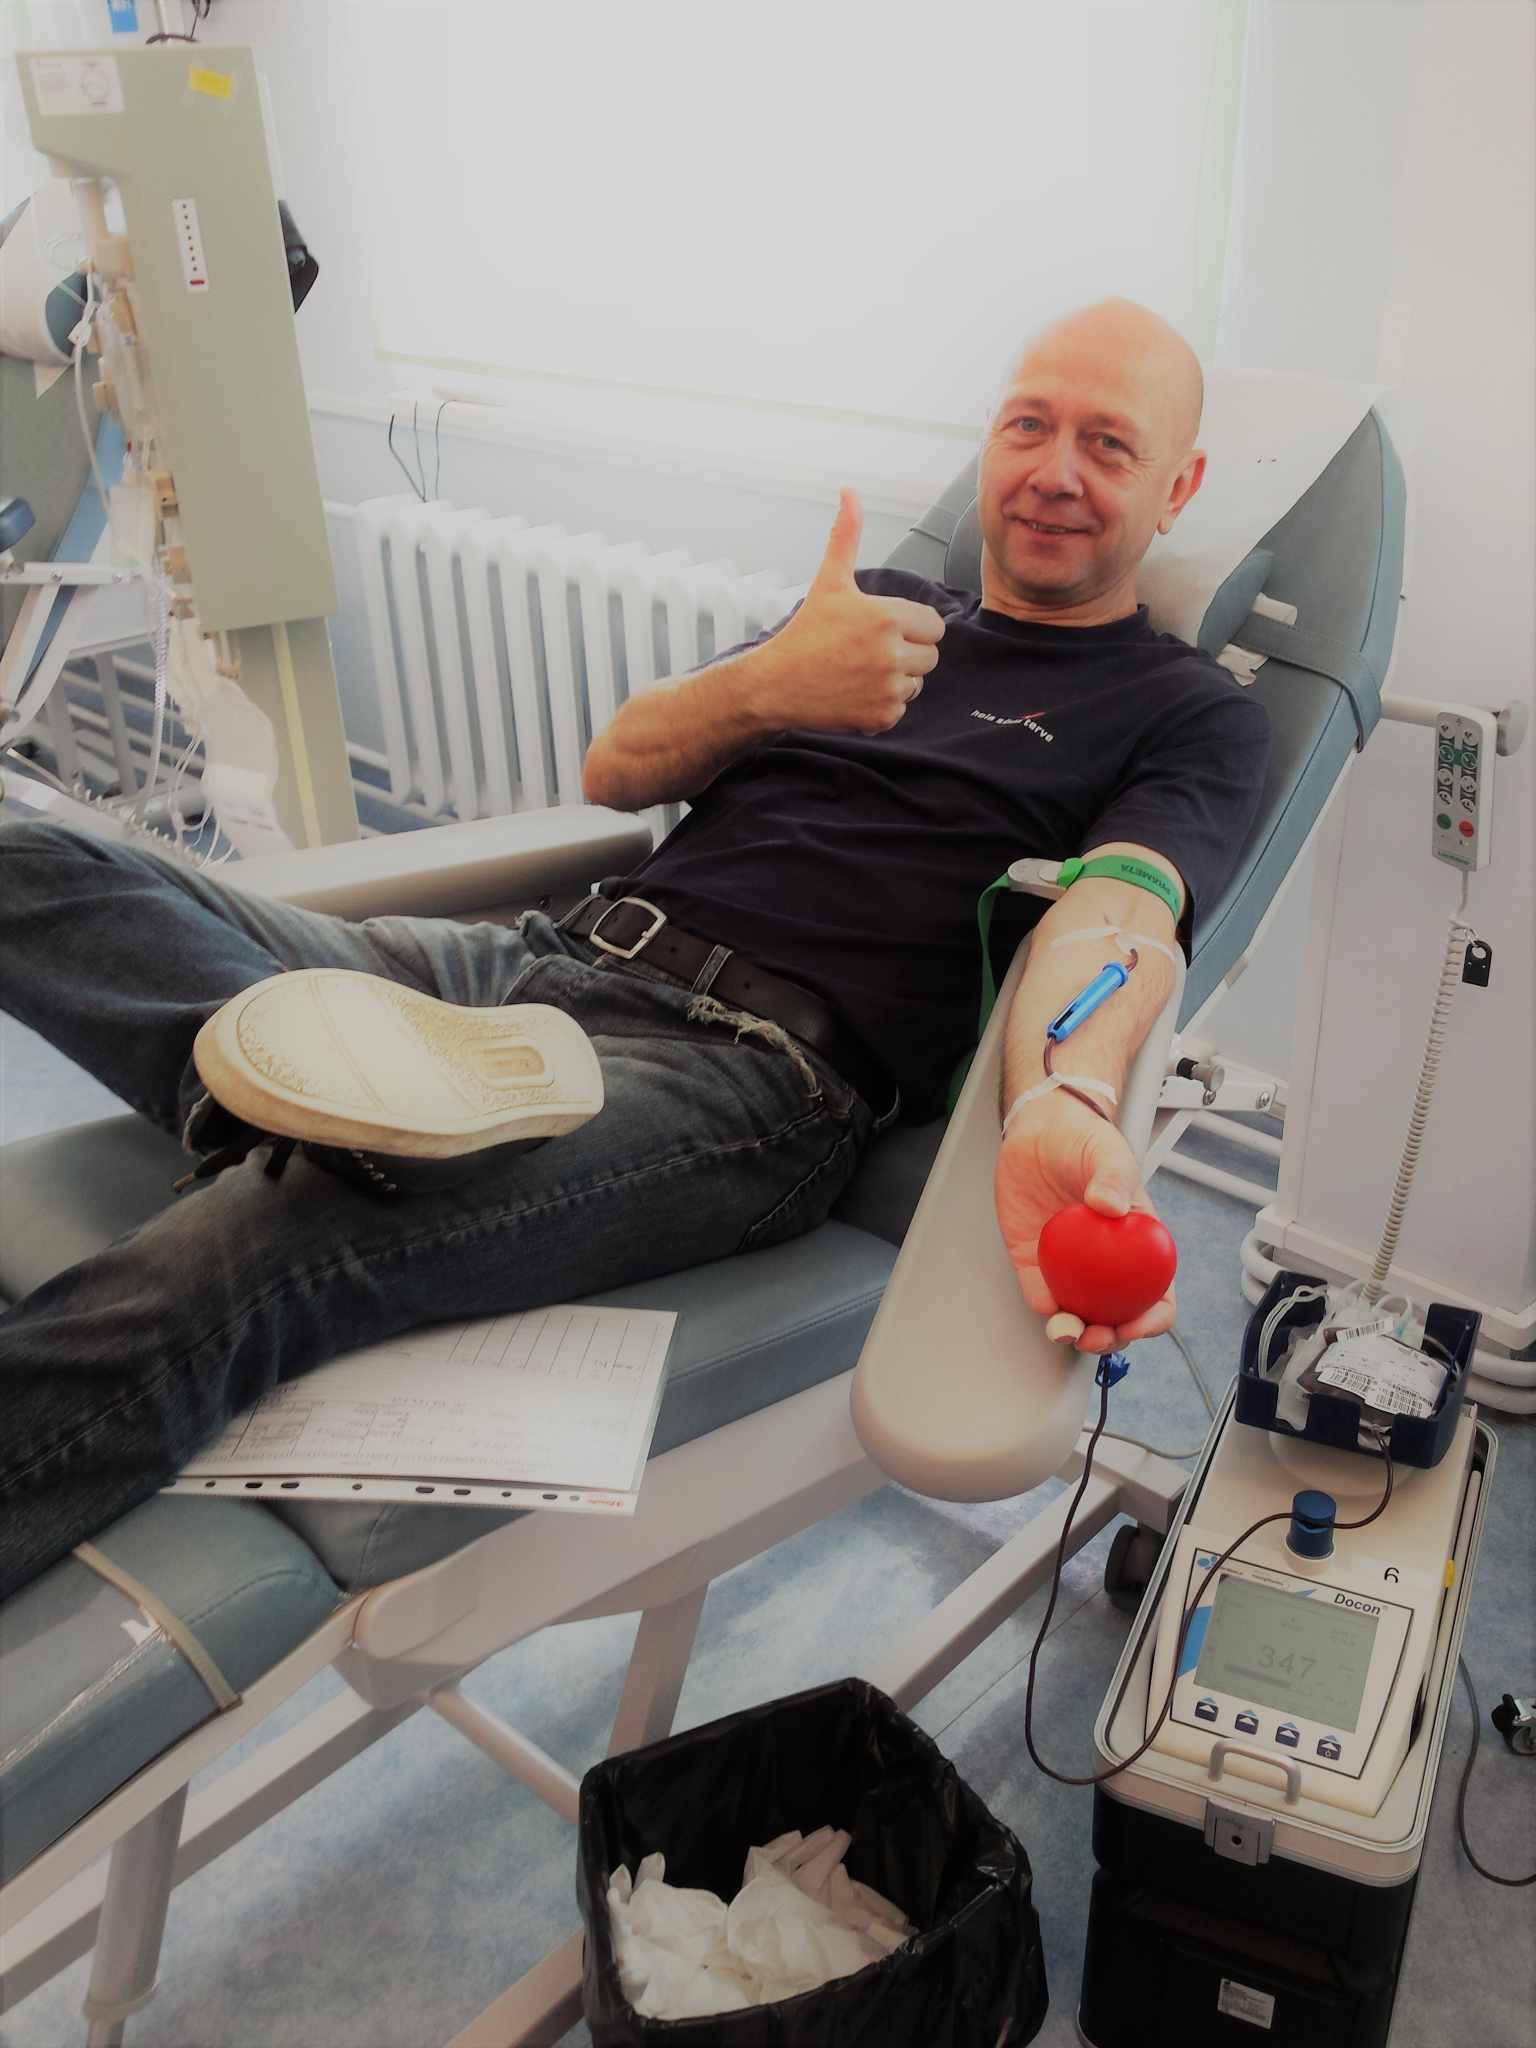 0-negatiivse veregrupiga Vello Vaher käis täna esimest korda elus doonorina head tegemas ning tema positiivsust ja rõõmsameelsust jagus kõigile - nii teistele doonoritele kui ka verekeskuse töötajaile.